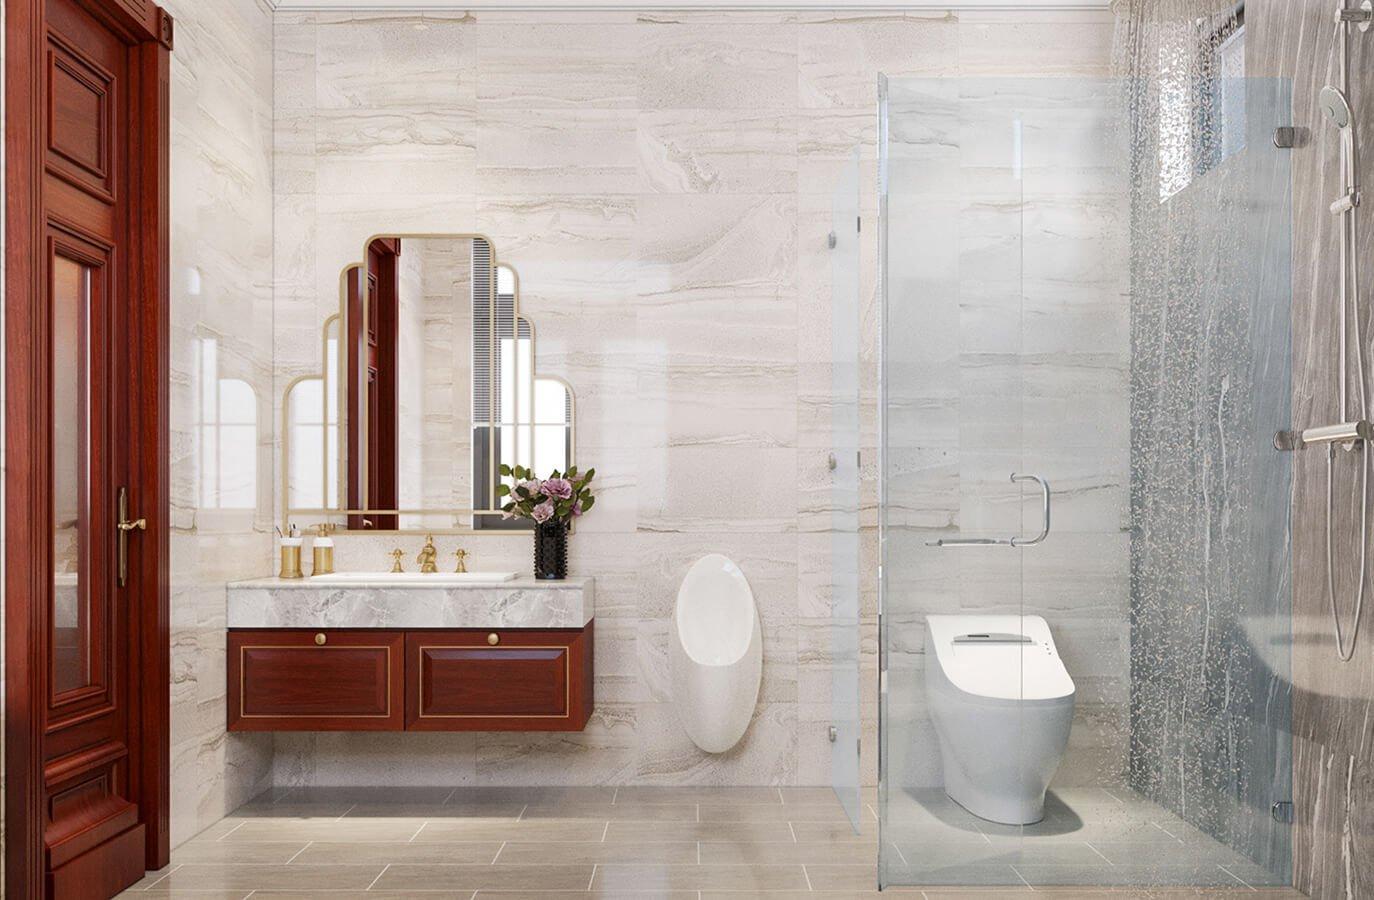 biệt thự cổ điển 215m2 phòng tắm